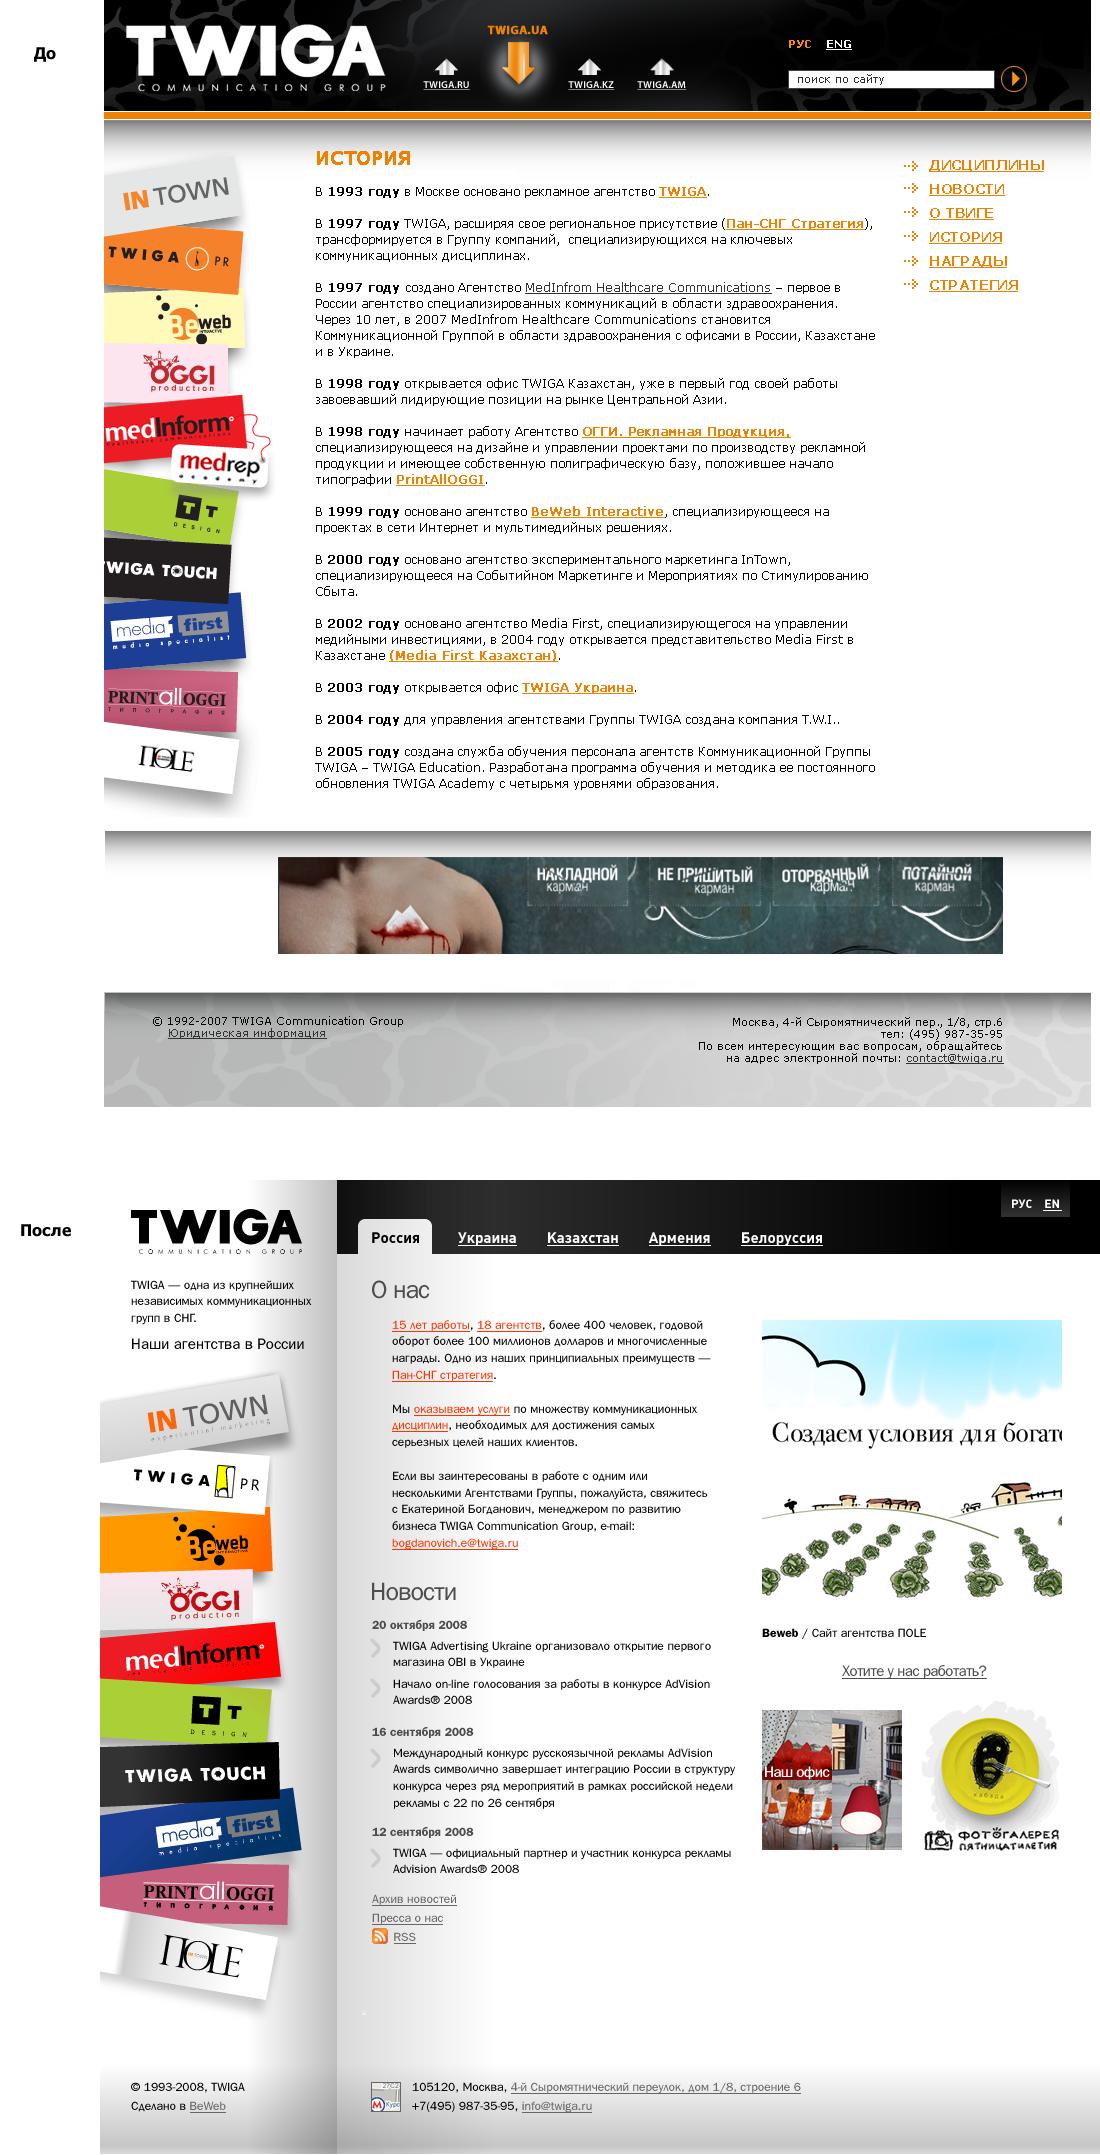 Редизайн TWIGA.ru